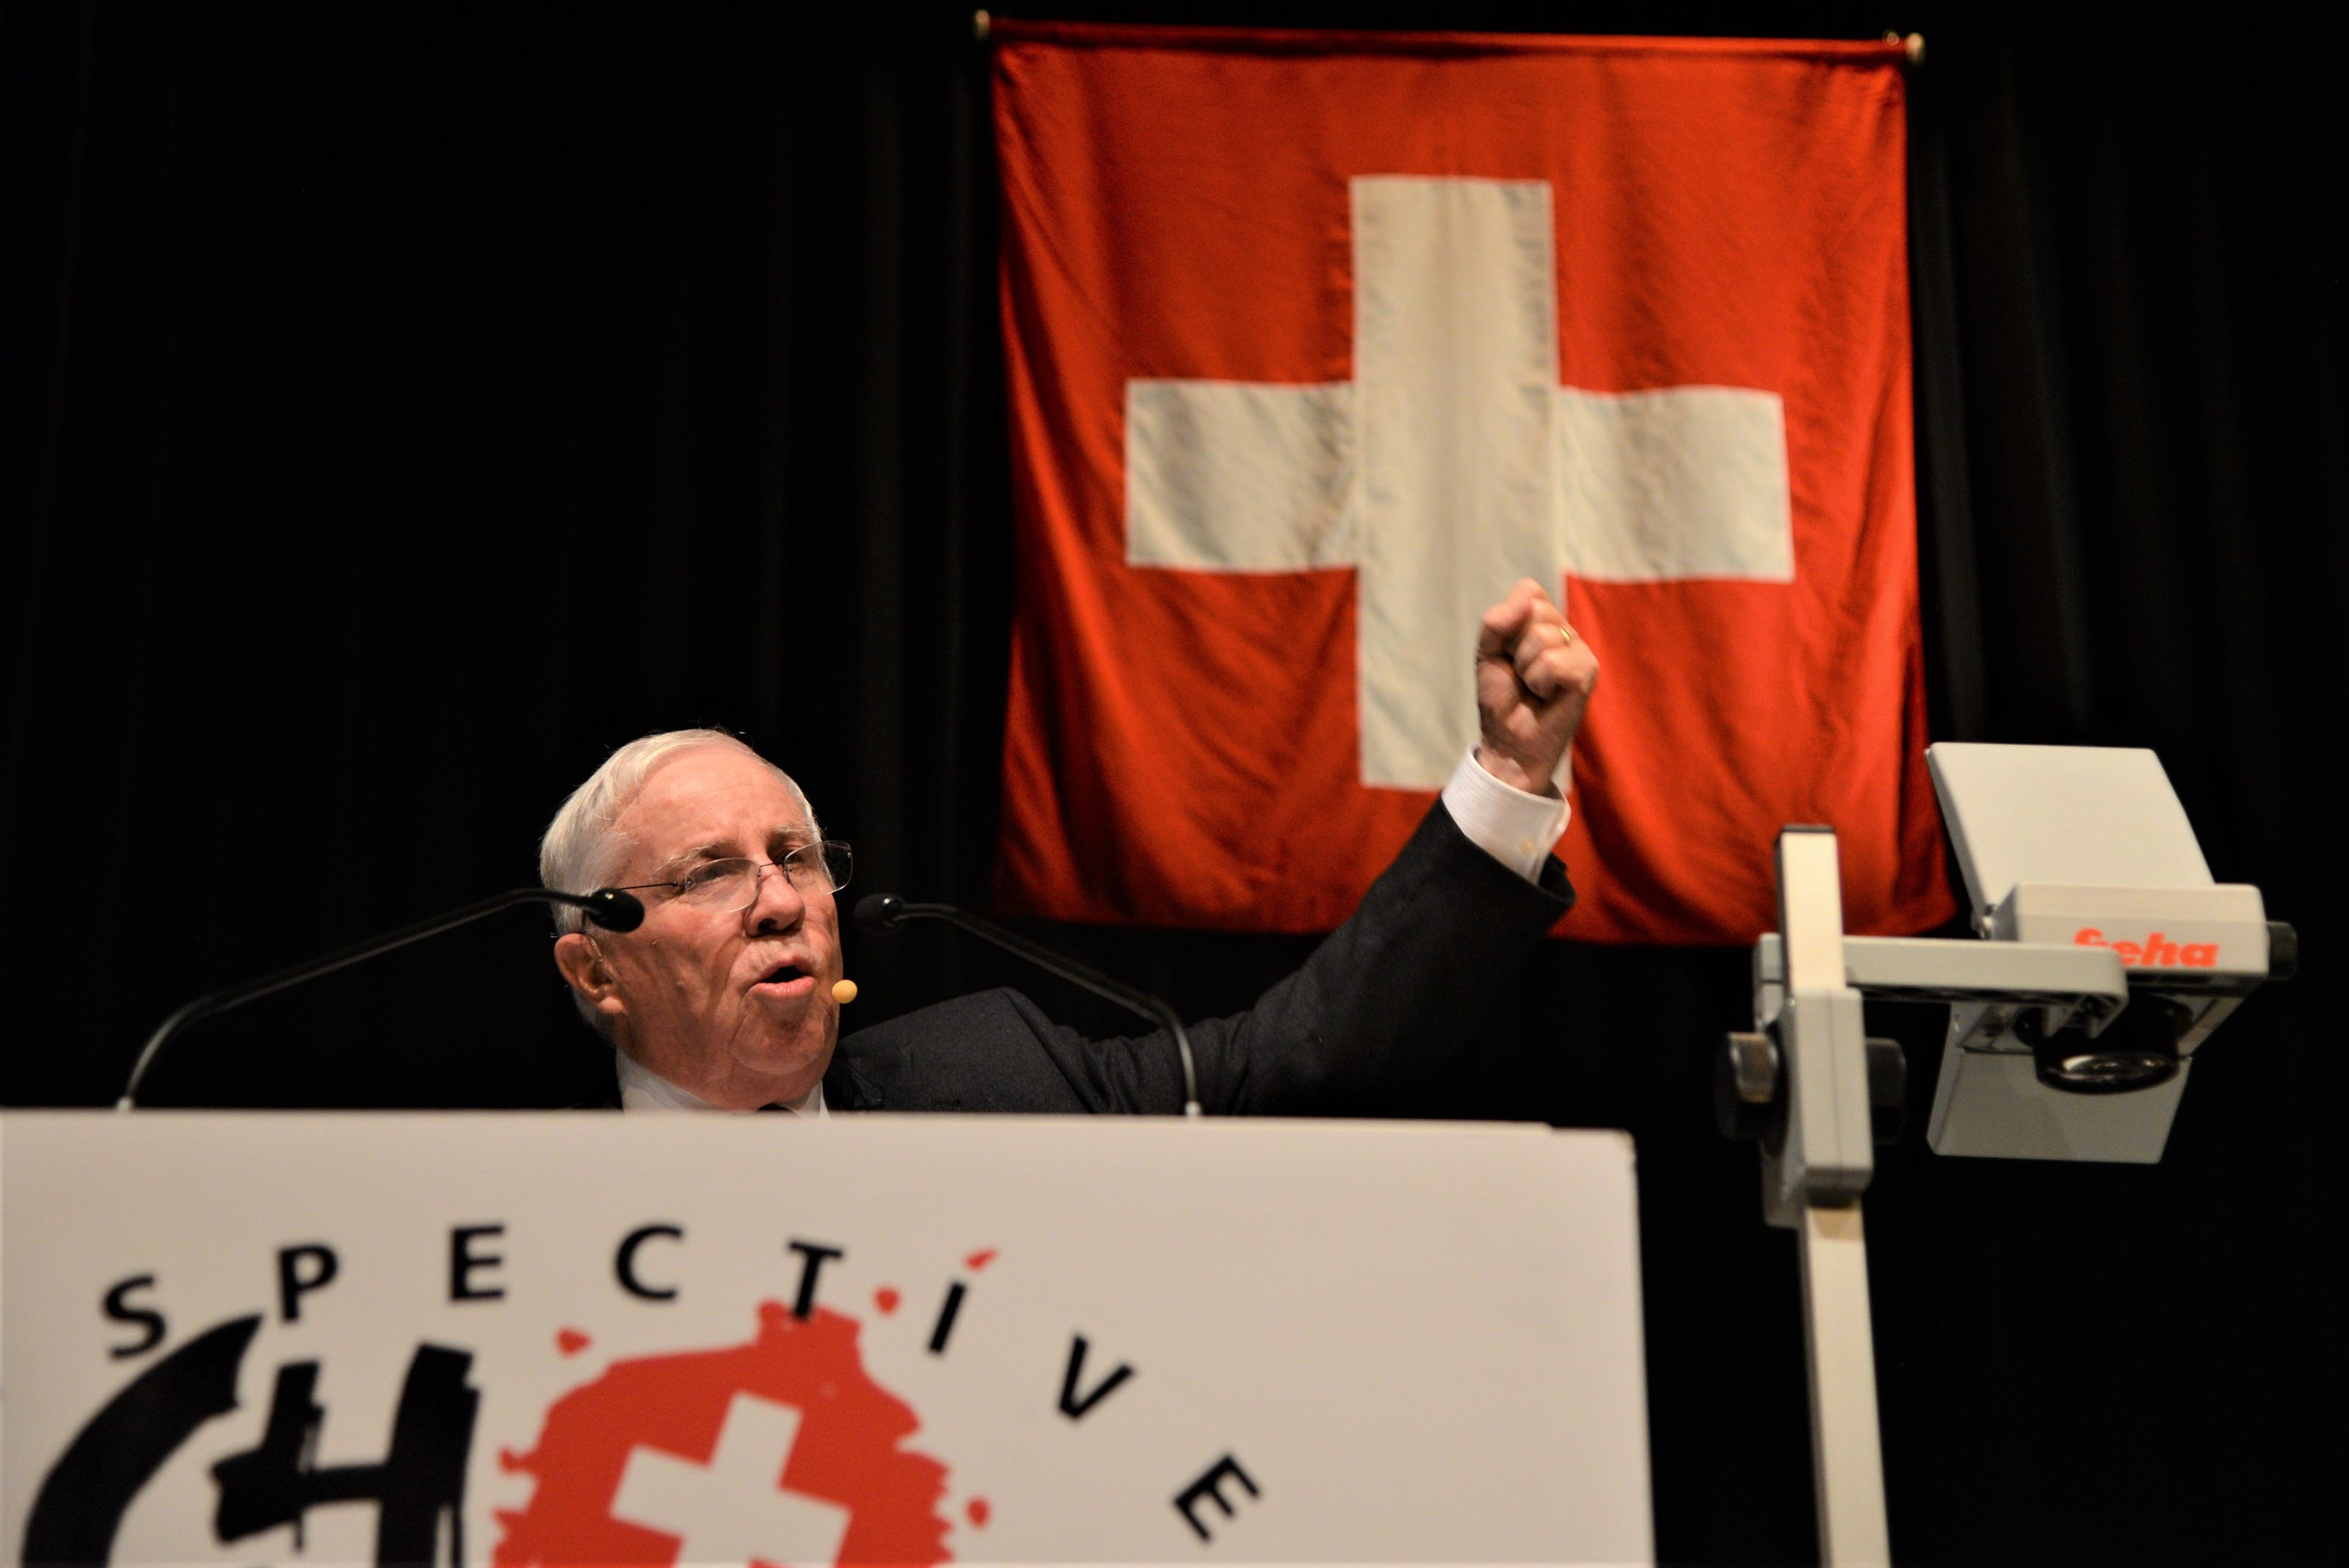 """Blocher spricht über das Thema """"25 Jahre nach dem EWR-Nein - wo stehen wir heute?"""""""